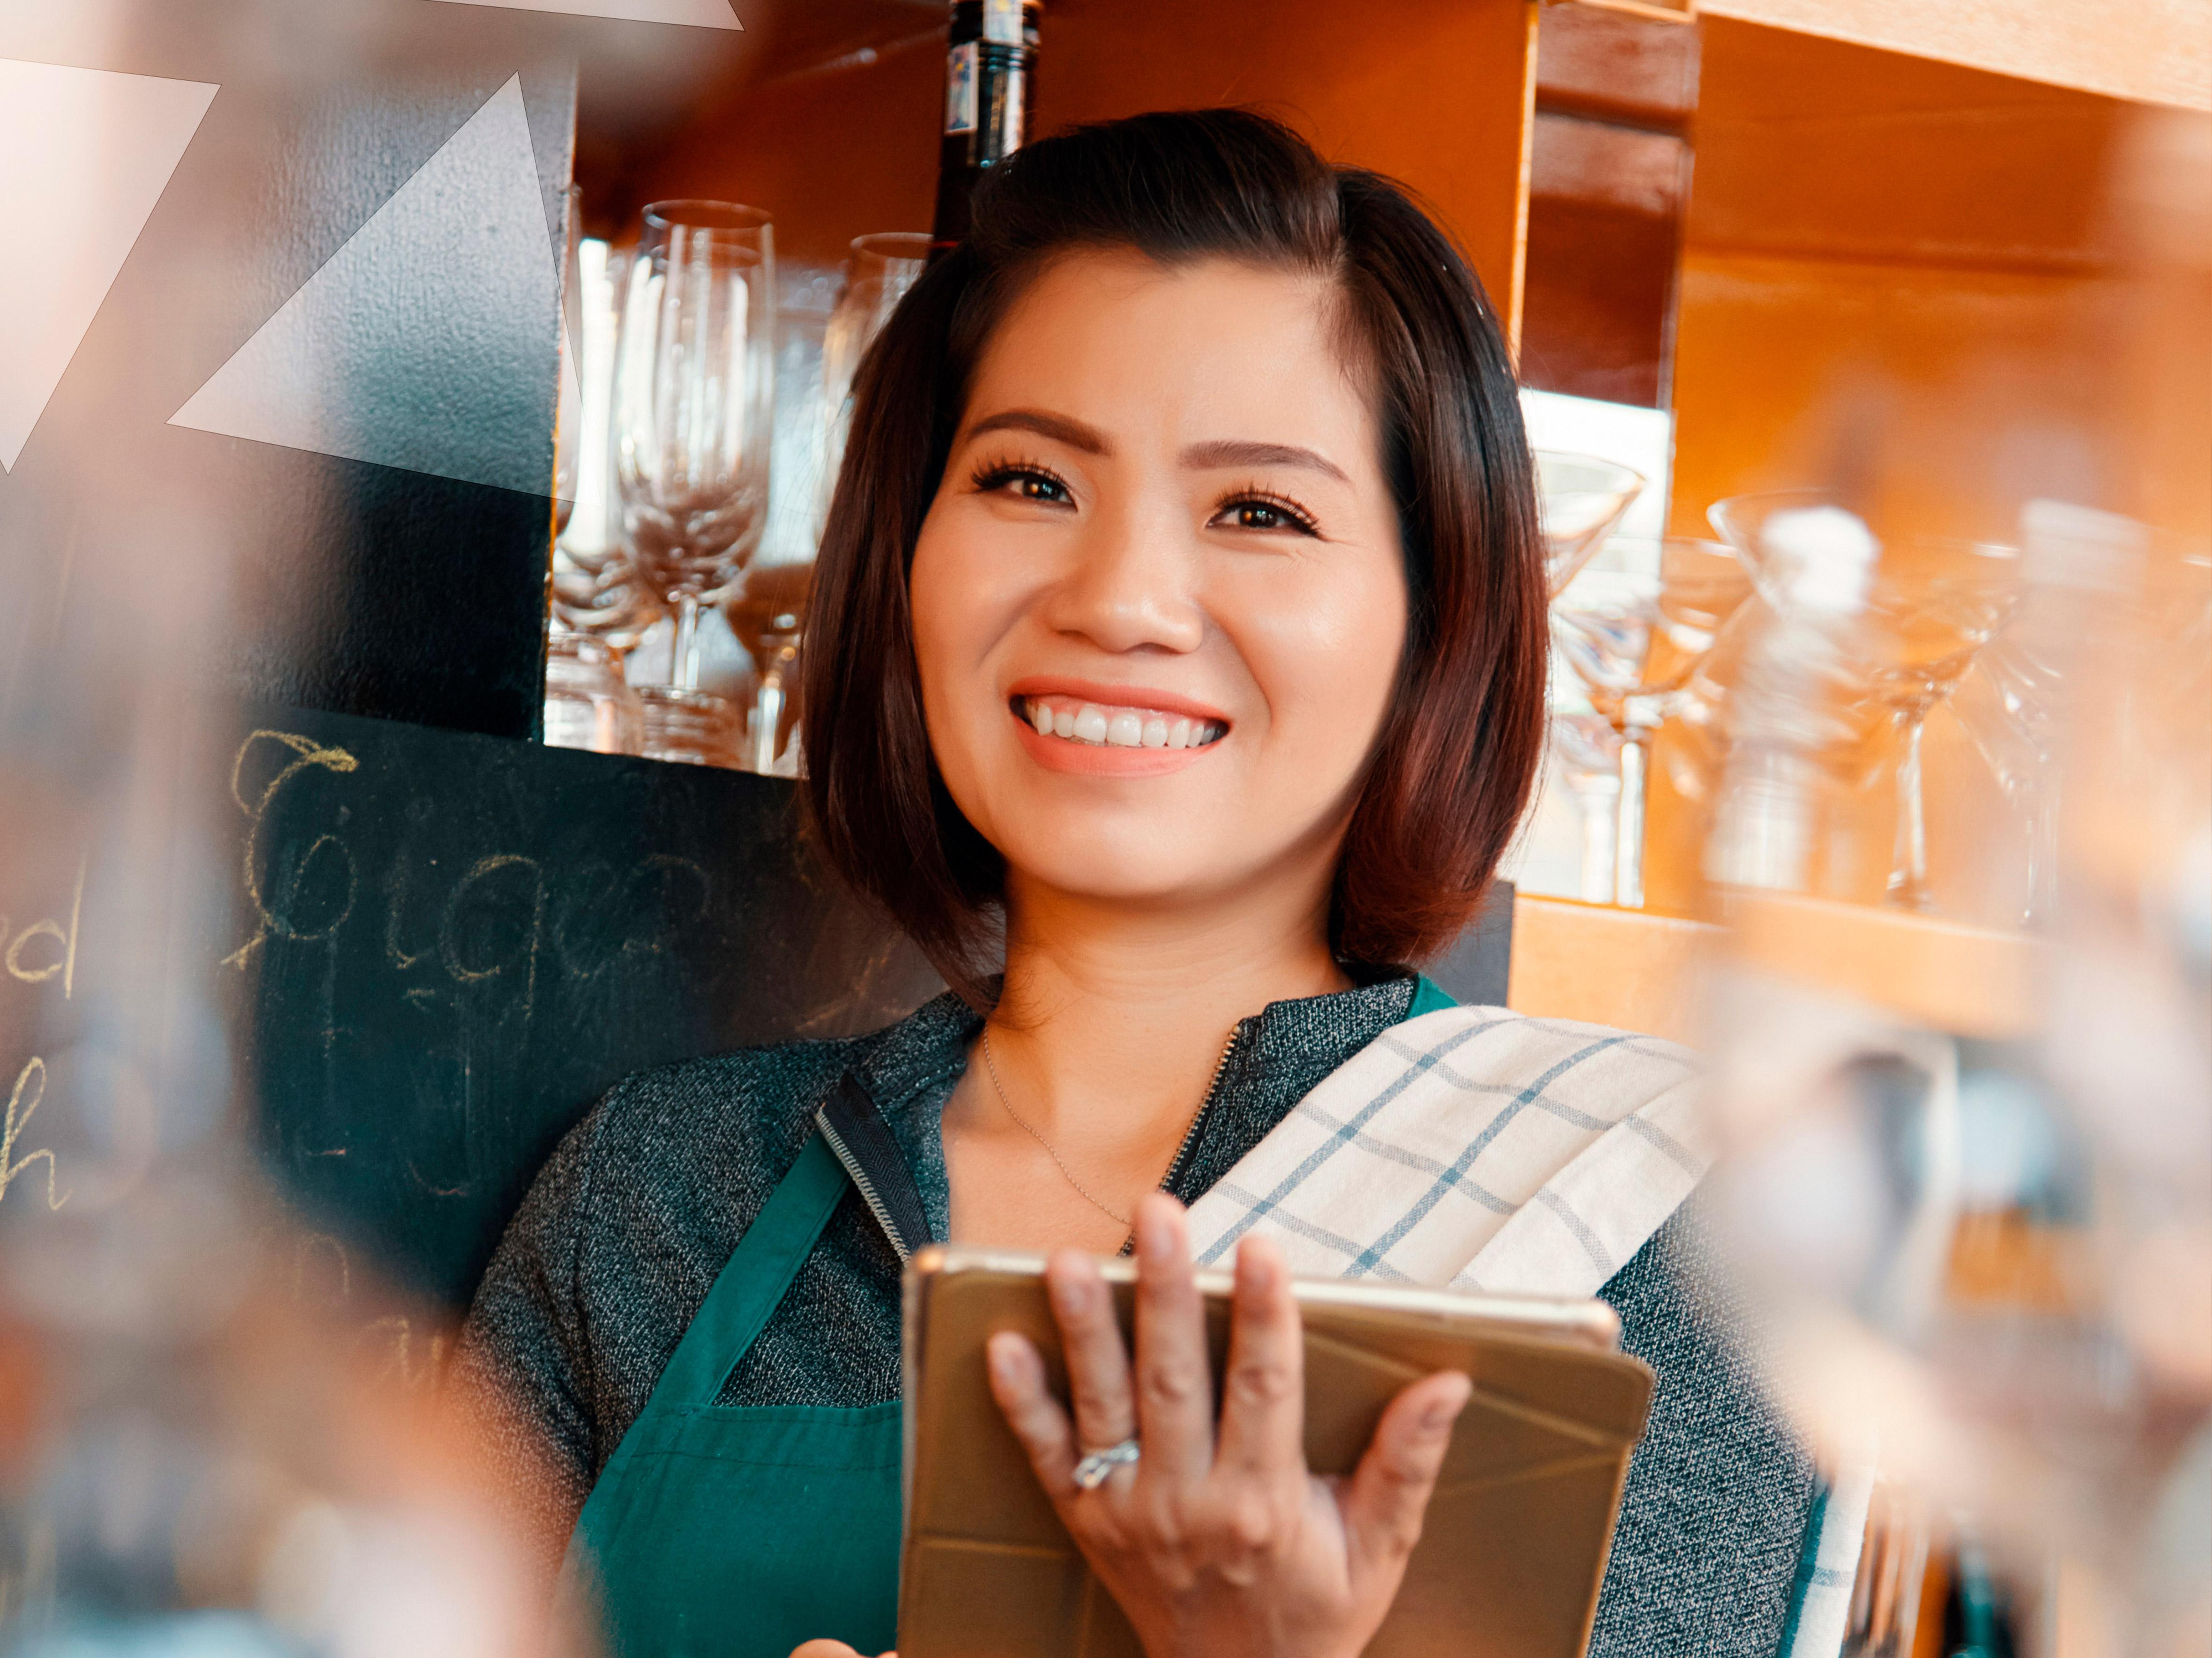 Atendente sorrindo com tablet na mão.